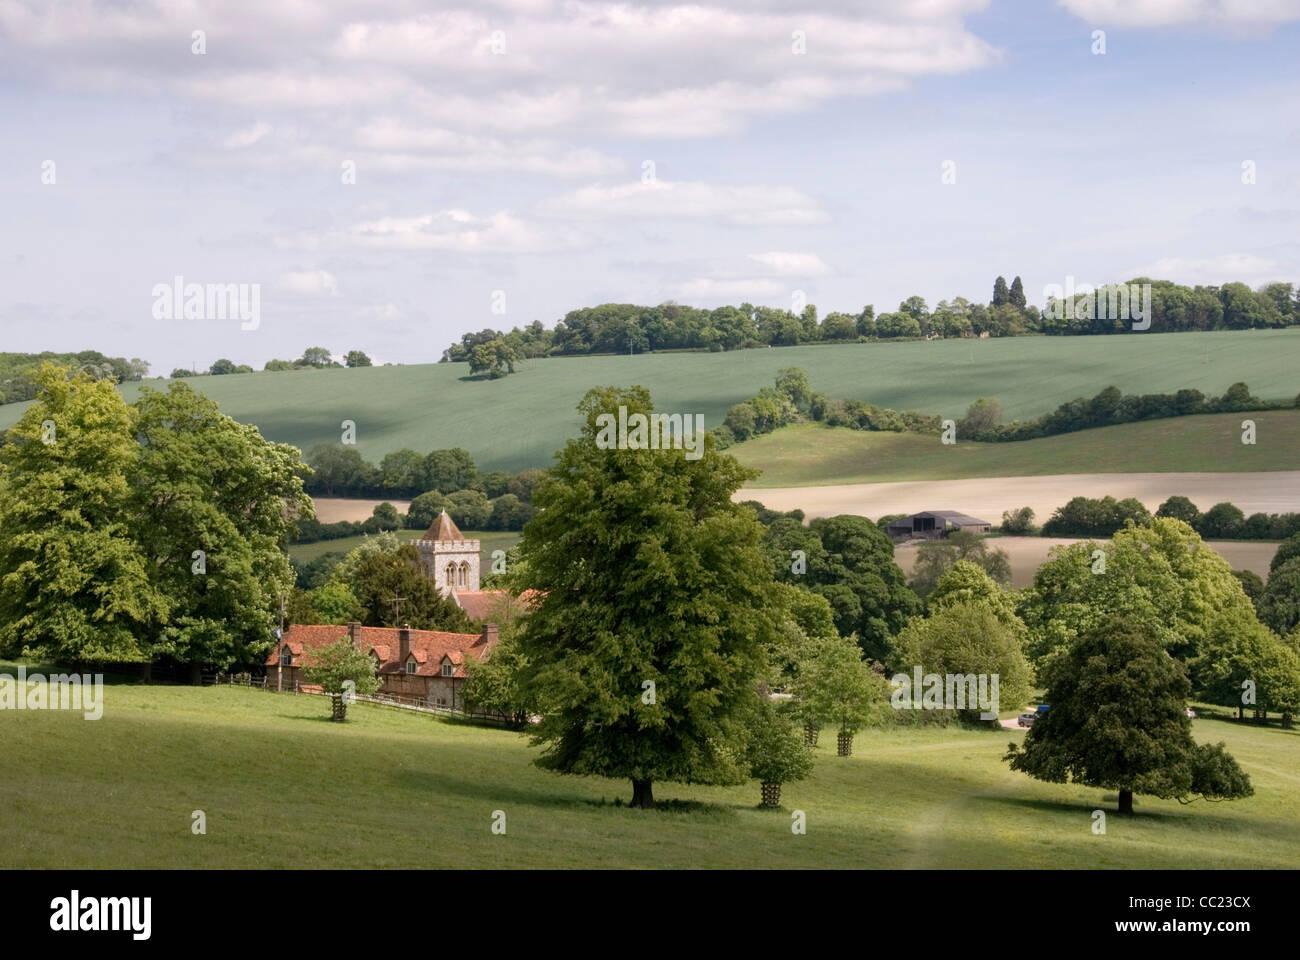 Chiltern Hills Hughenden Valley and parish church - Stock Image